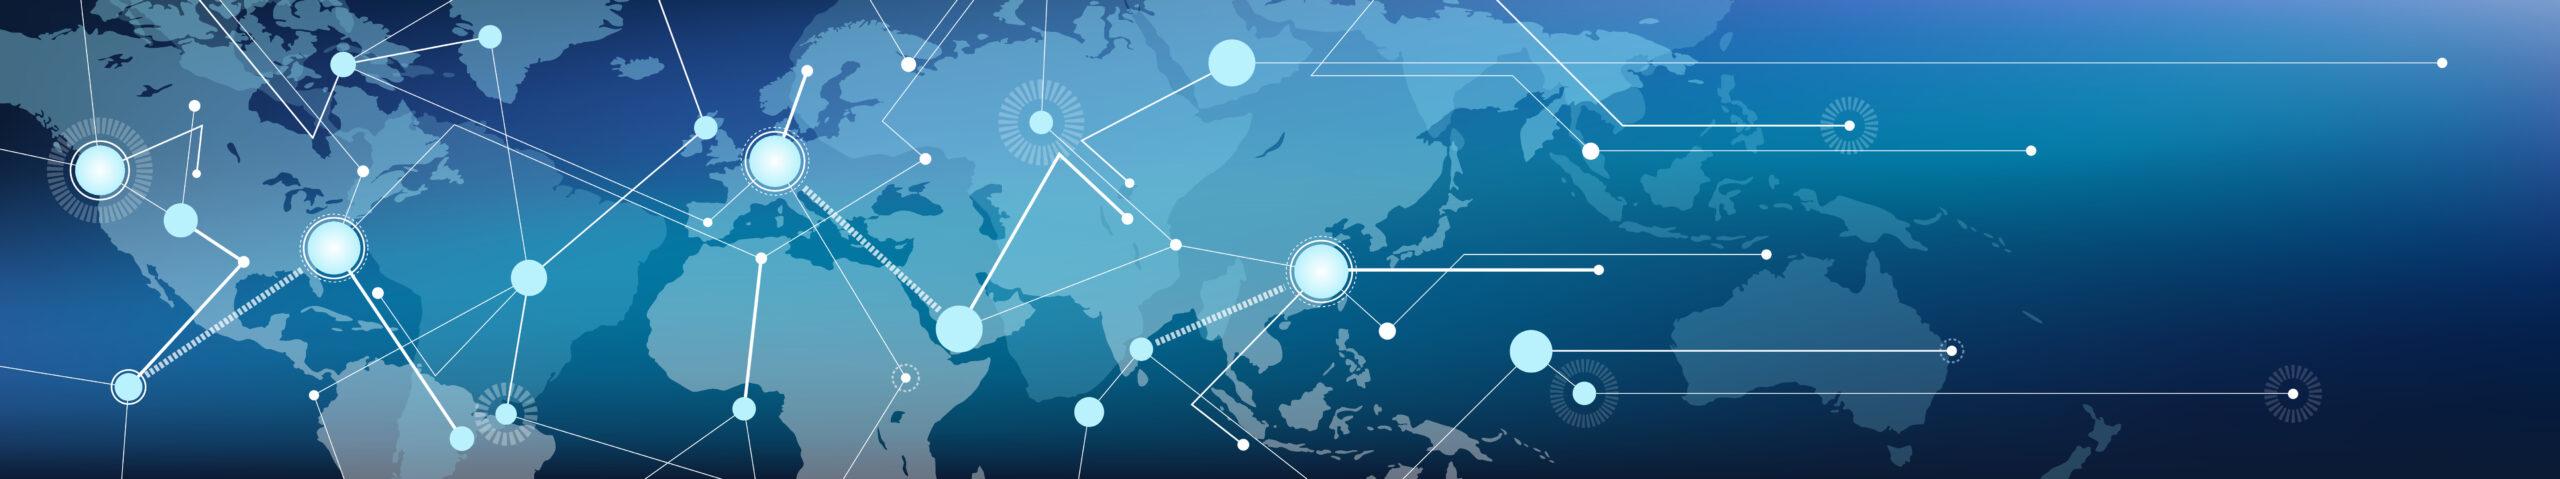 International Business Map